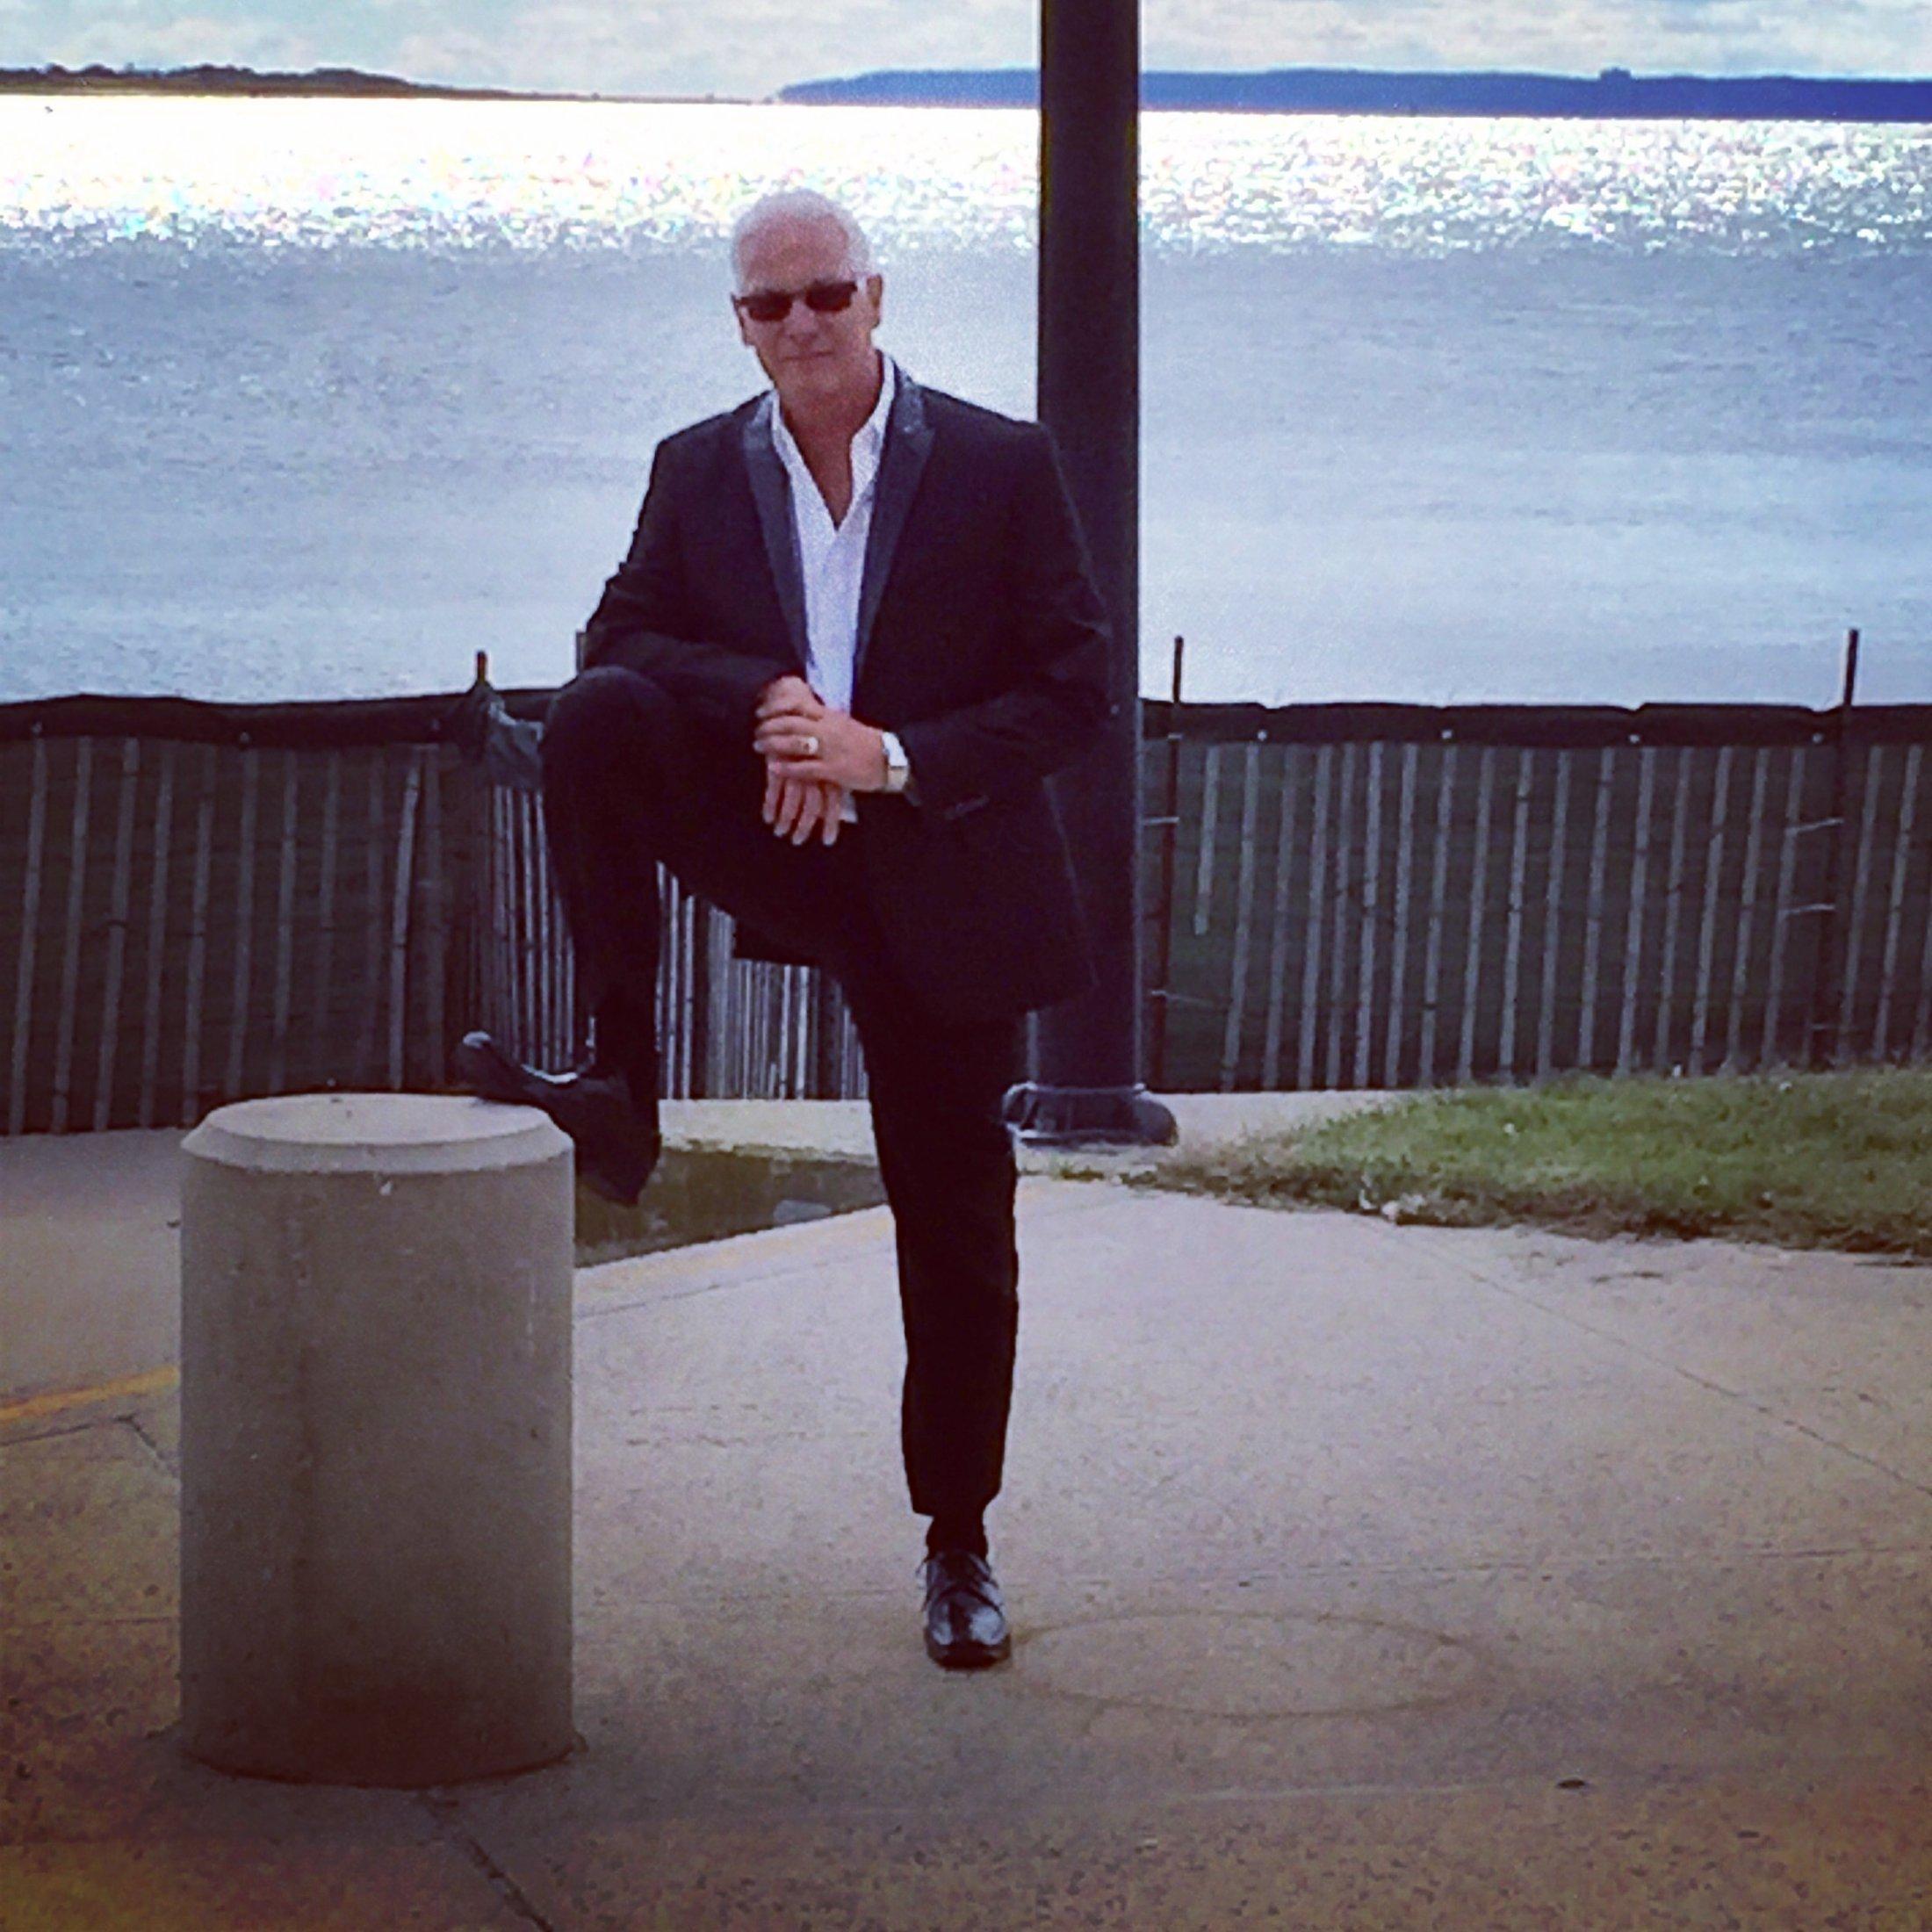 Tony Corrao by the bay